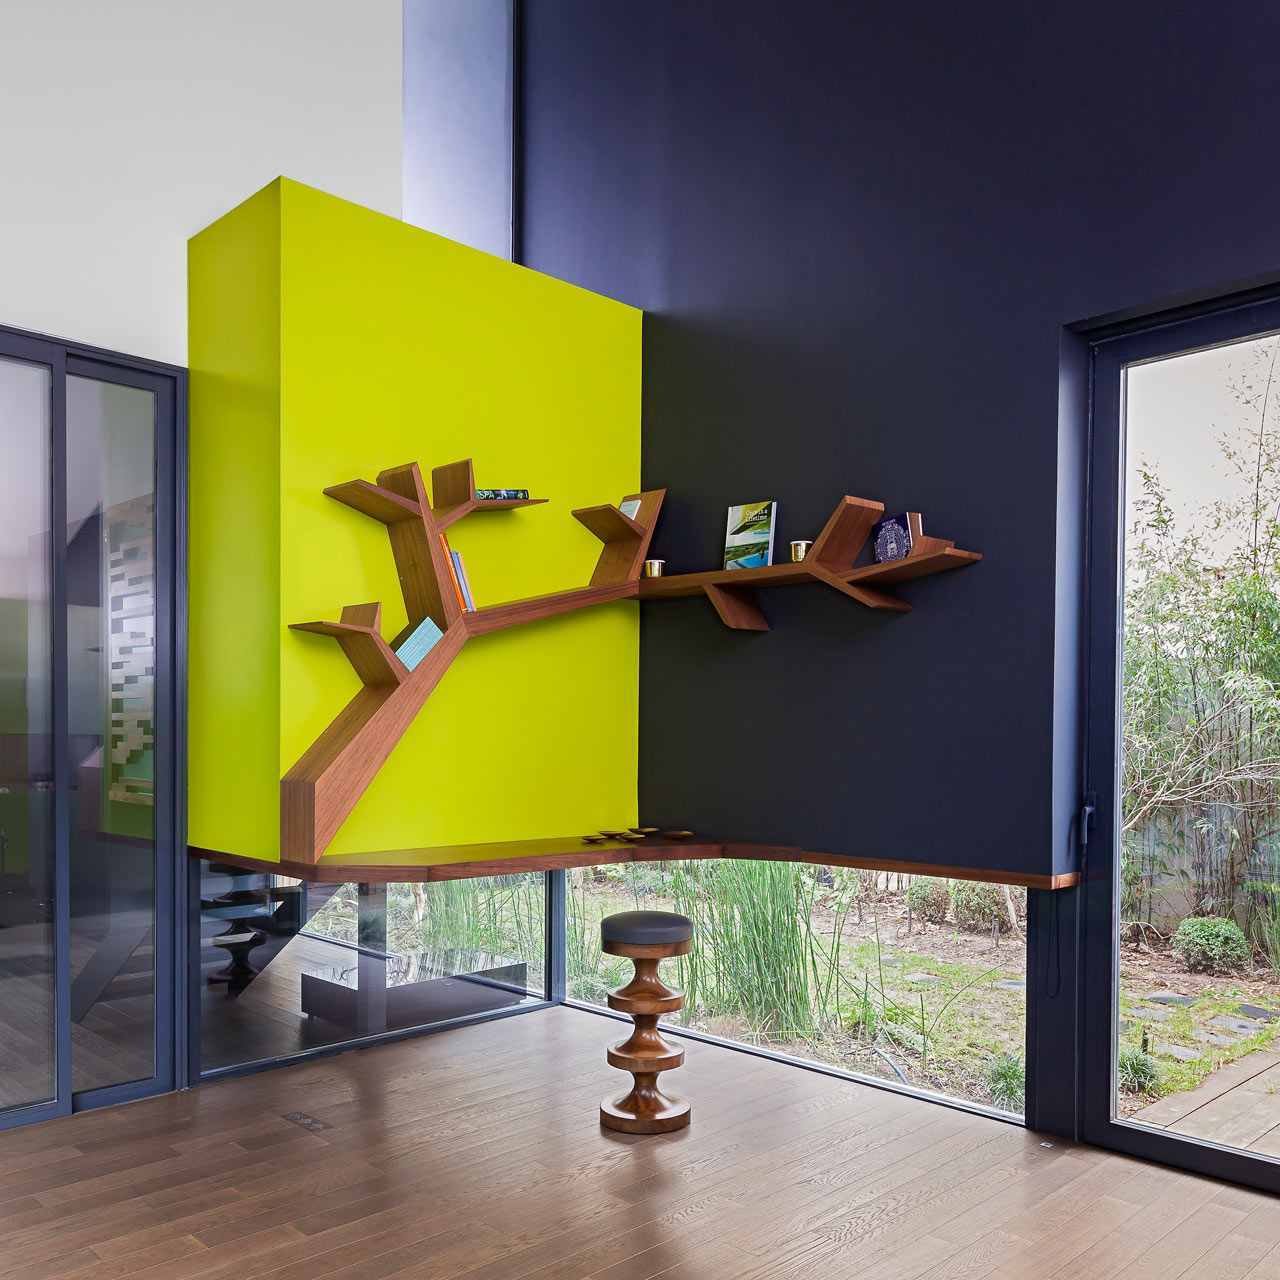 branch-installation-olivier-dolle